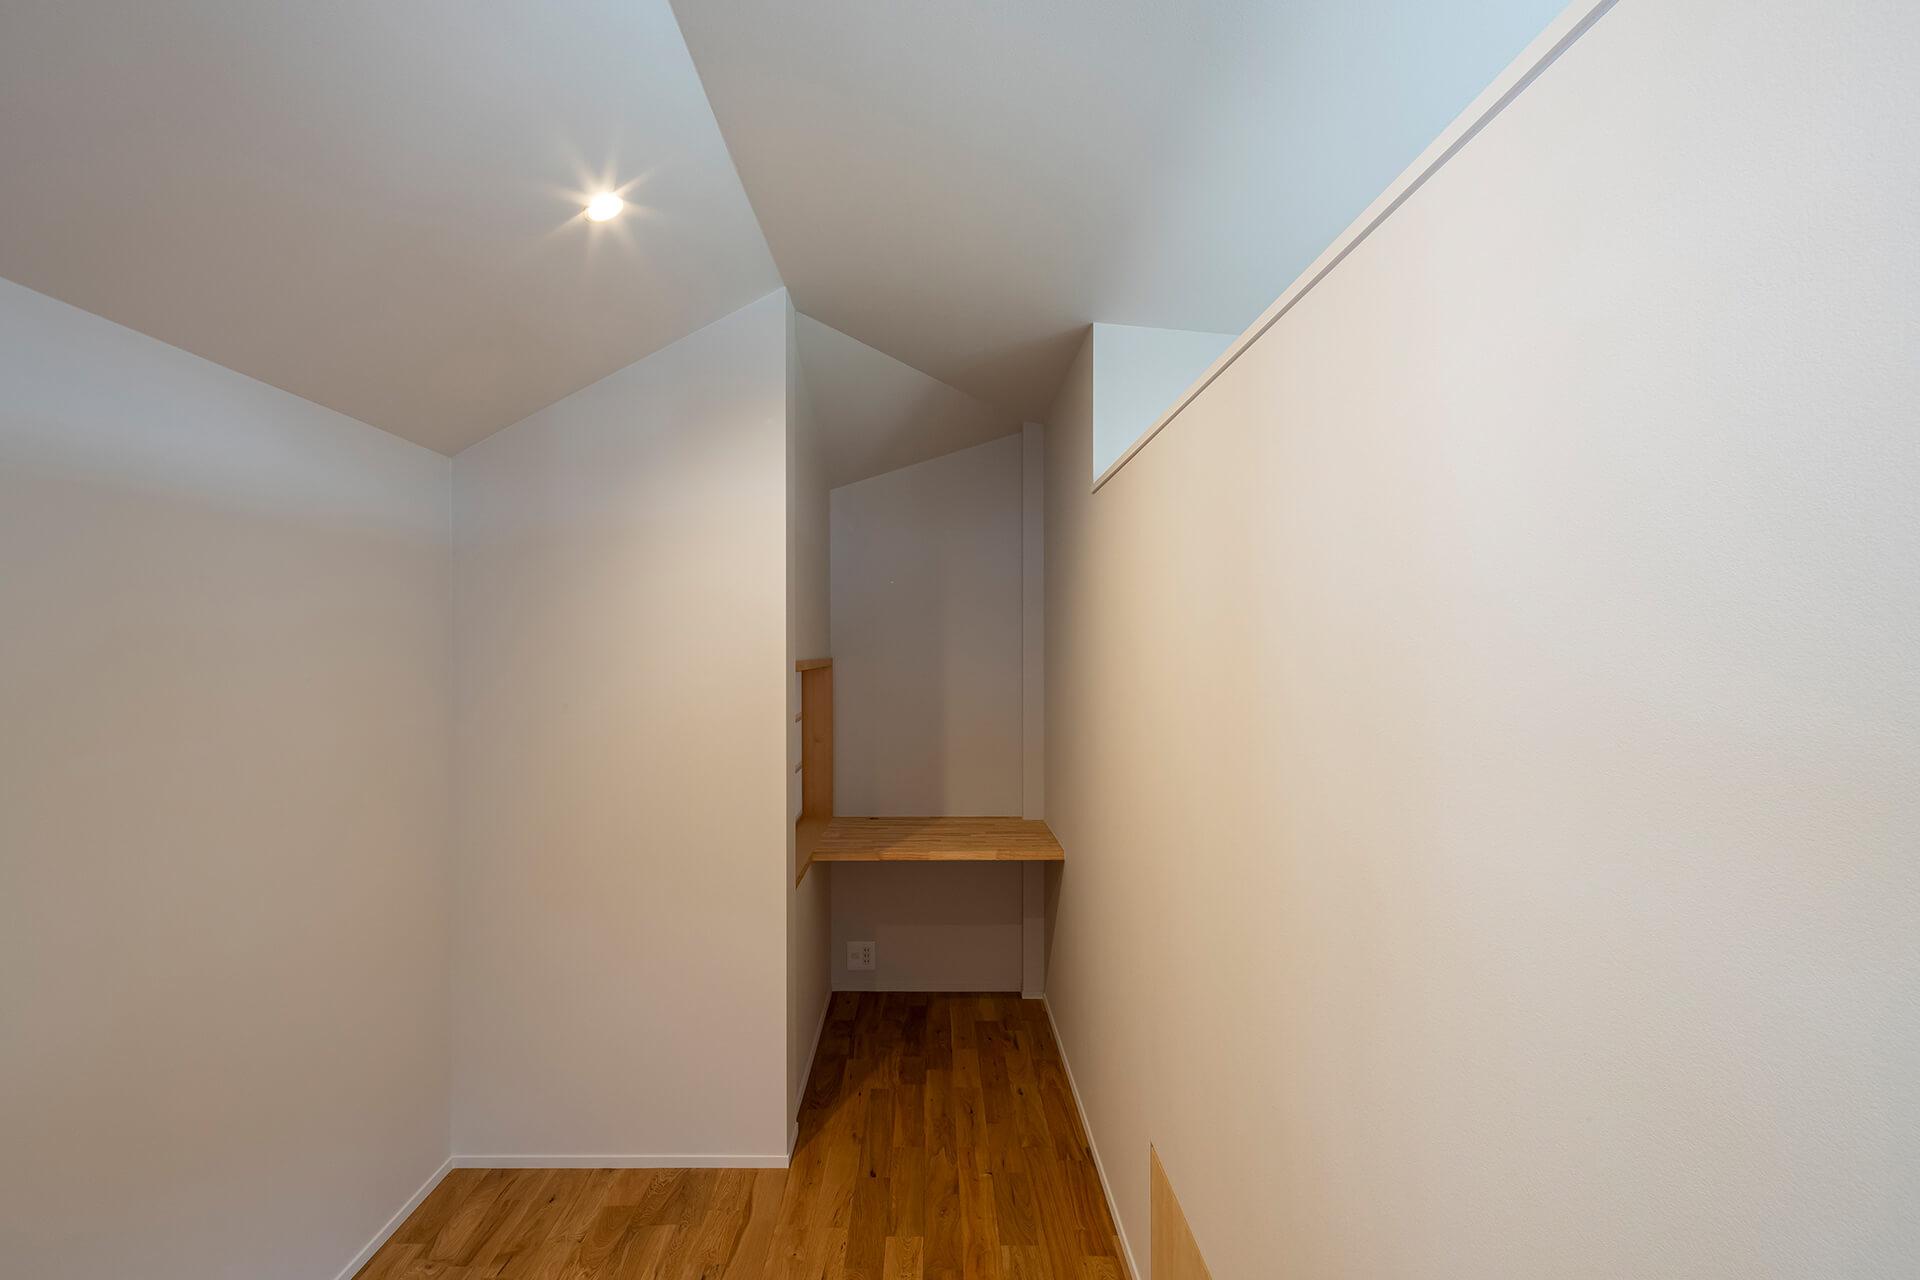 浦和S邸 折れ天井のある個室